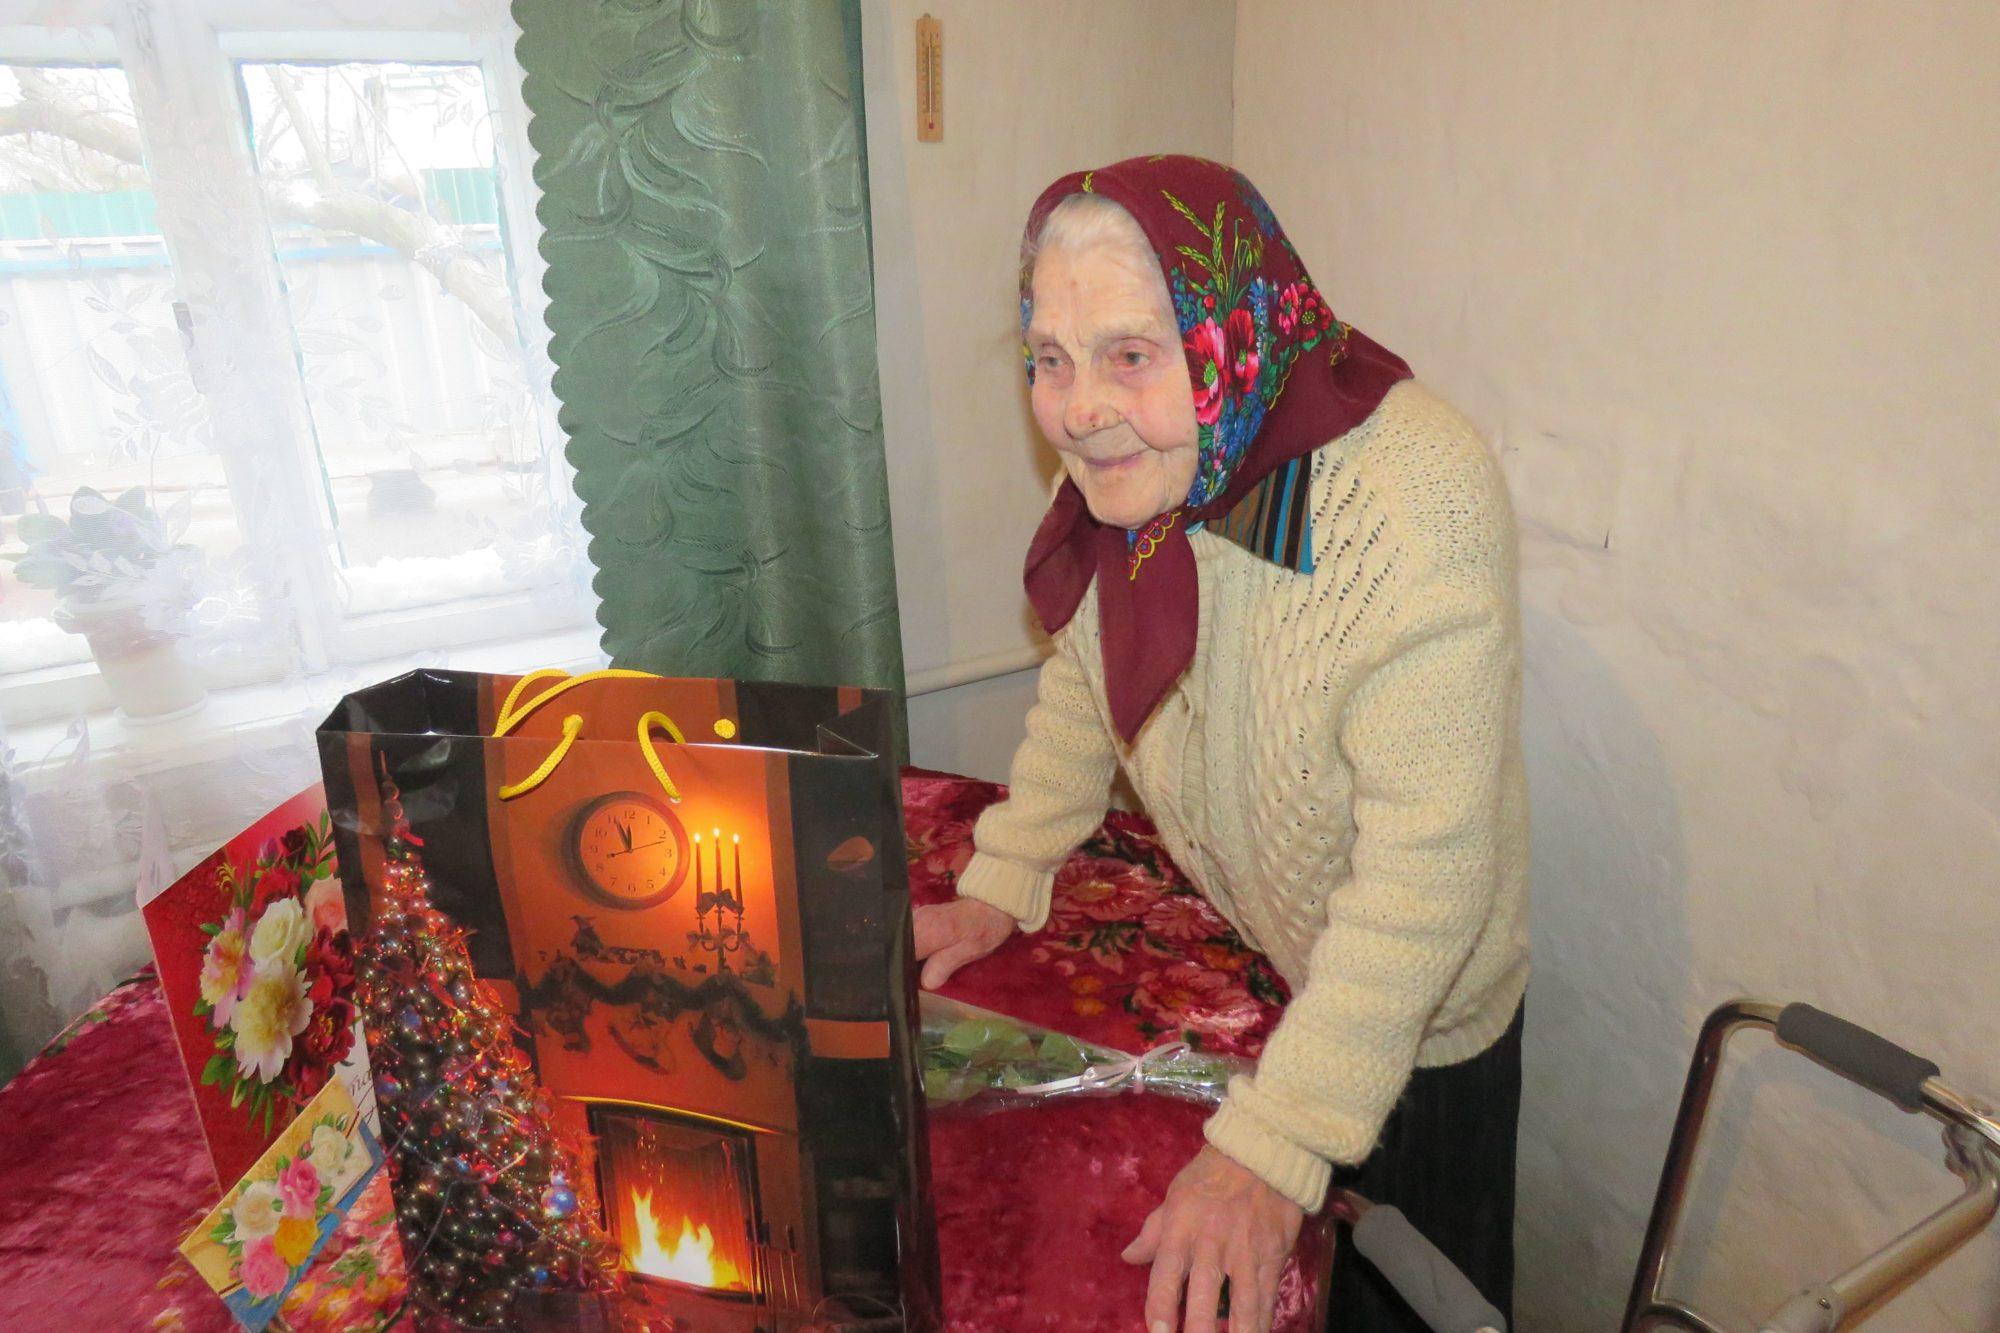 У Білій Церкві привітали 100-річну жительку міста - довгожителі, Біла Церква - 1 2000x1333